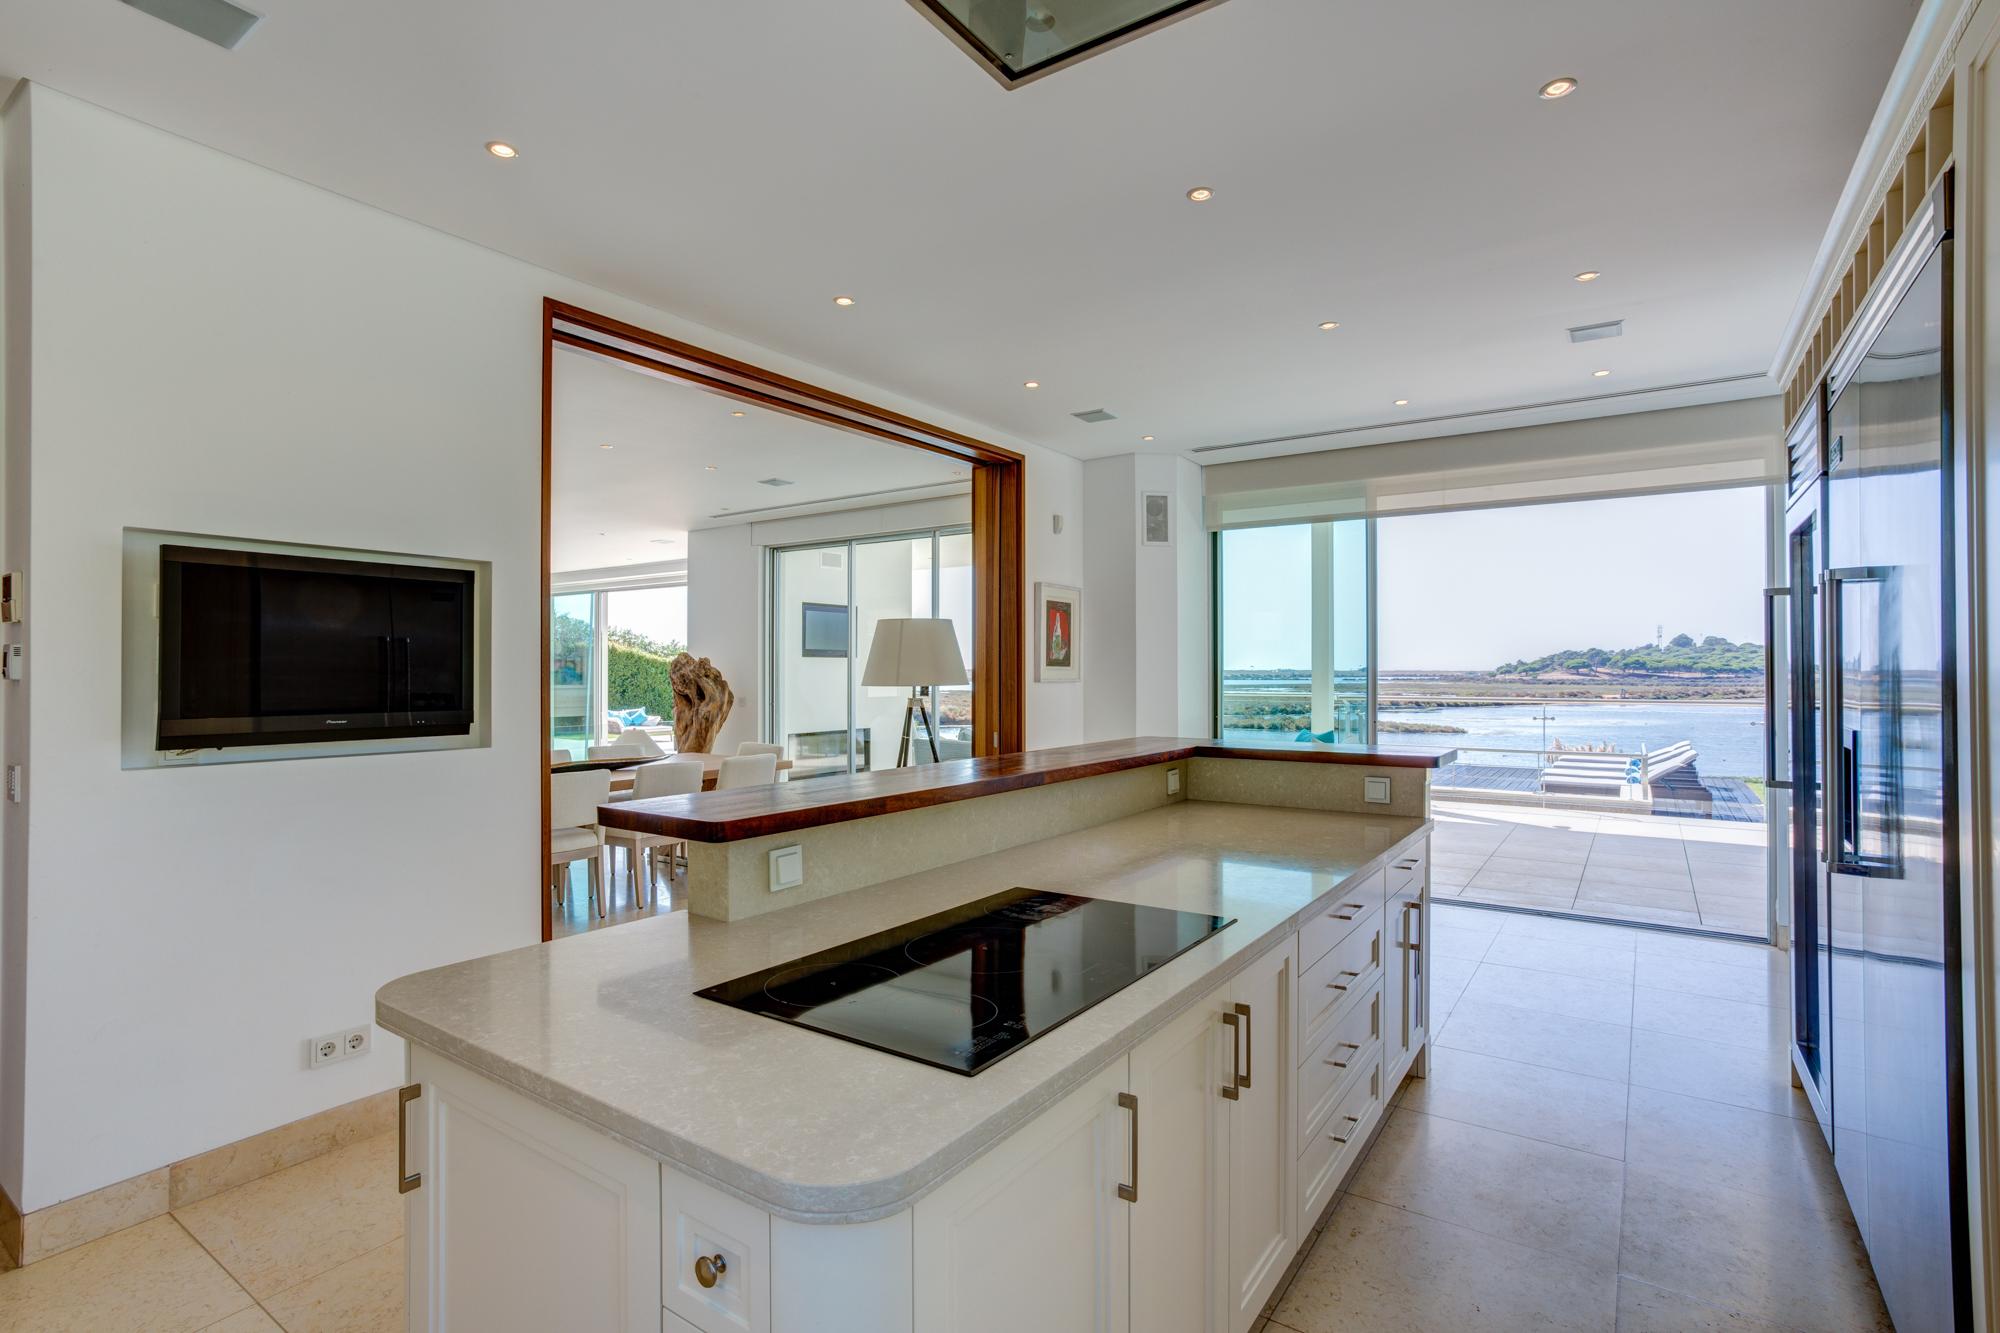 Villa Moon Sone, 5 bedroom prestige villa in Quinta do Lago, Algarve,kitchen1.jpg